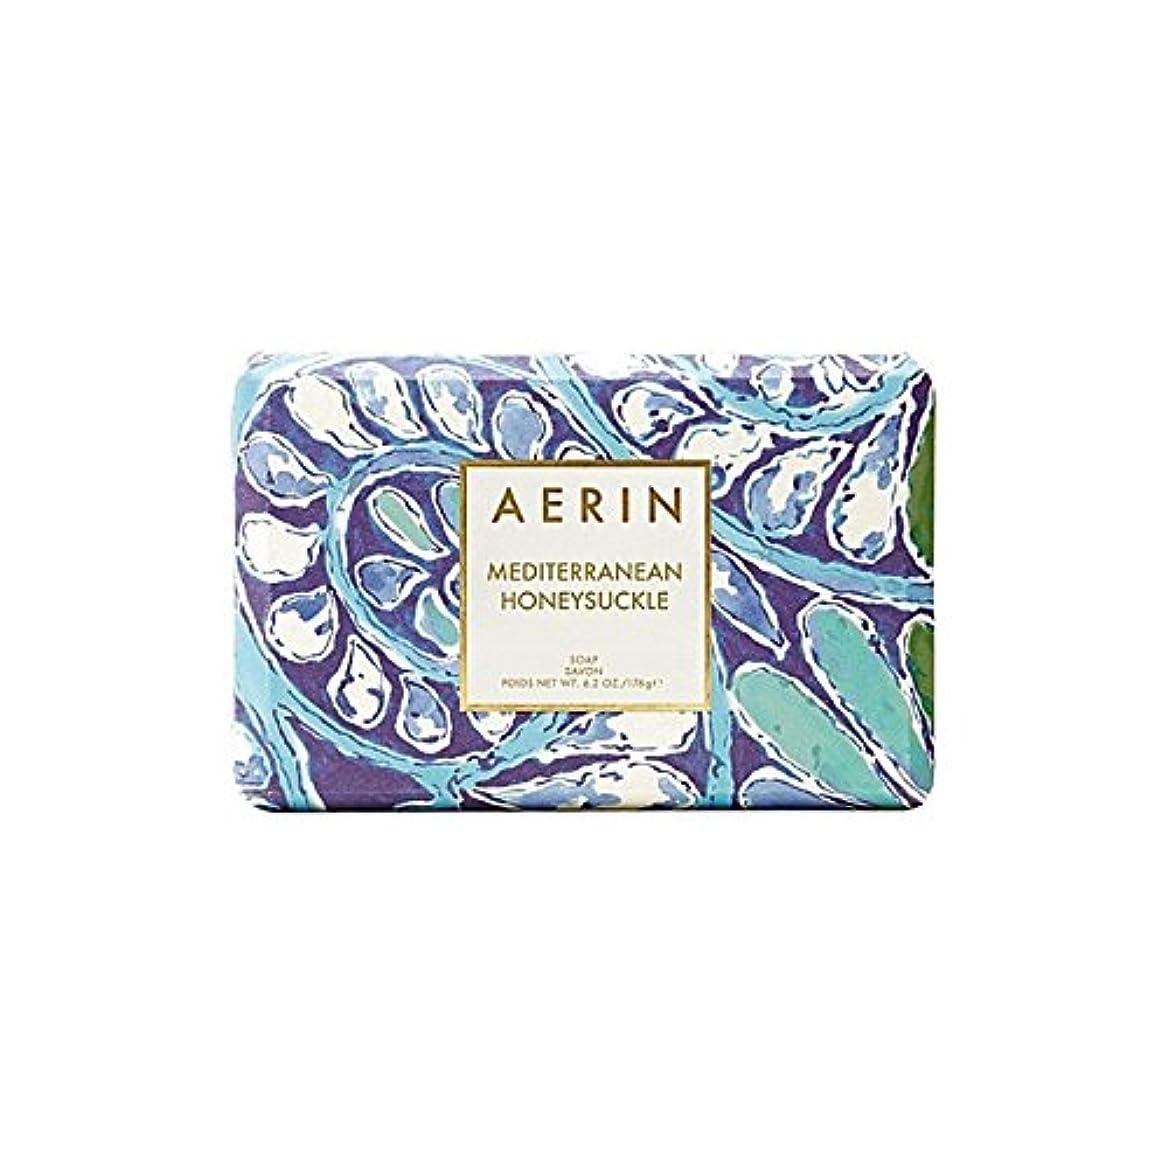 誰が組引き渡すスイカズラ固形石鹸176グラム x2 - Aerin Mediterrenean Honeysuckle Bar Soap 176G (Pack of 2) [並行輸入品]